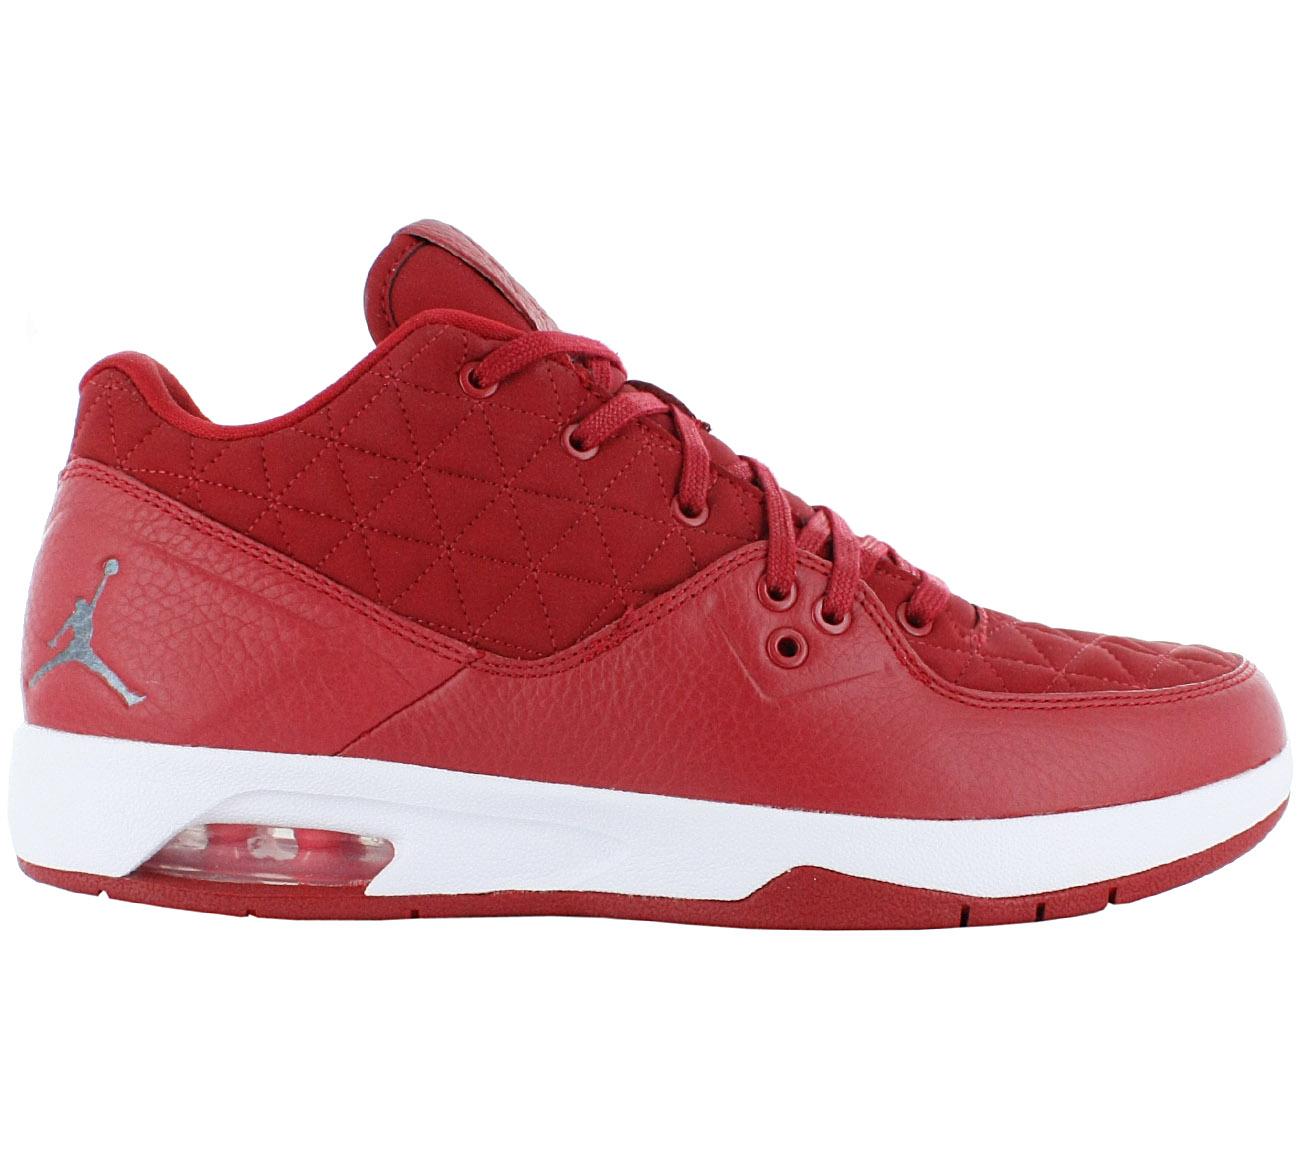 Nike Air Jordan Clutch Shoe Red Men s Sneakers Baketball Shoes New ... da5f6b5e8